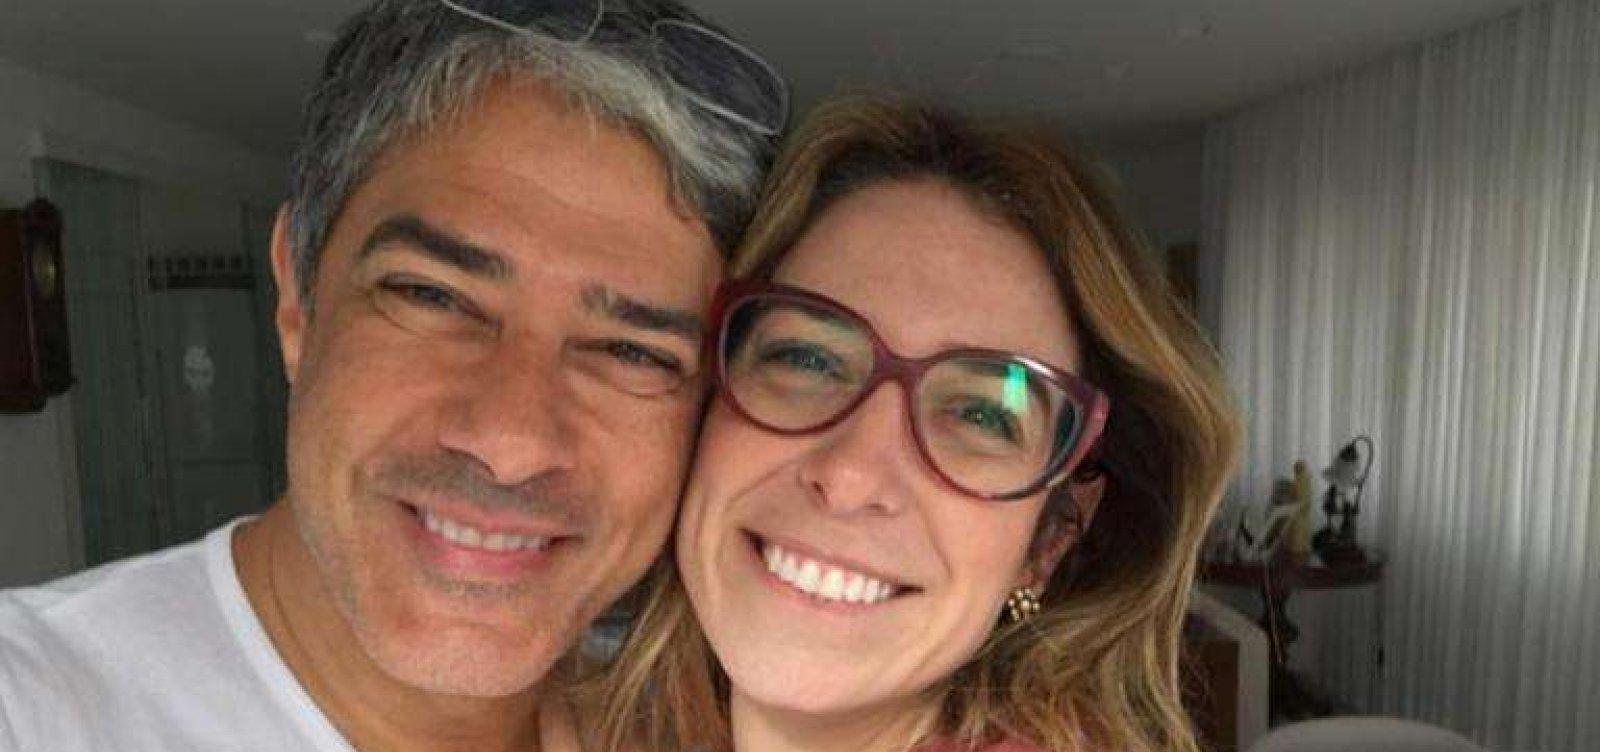 [Mulher de William Bonner celebra um mês de casados: 'Primeiro de muitos']